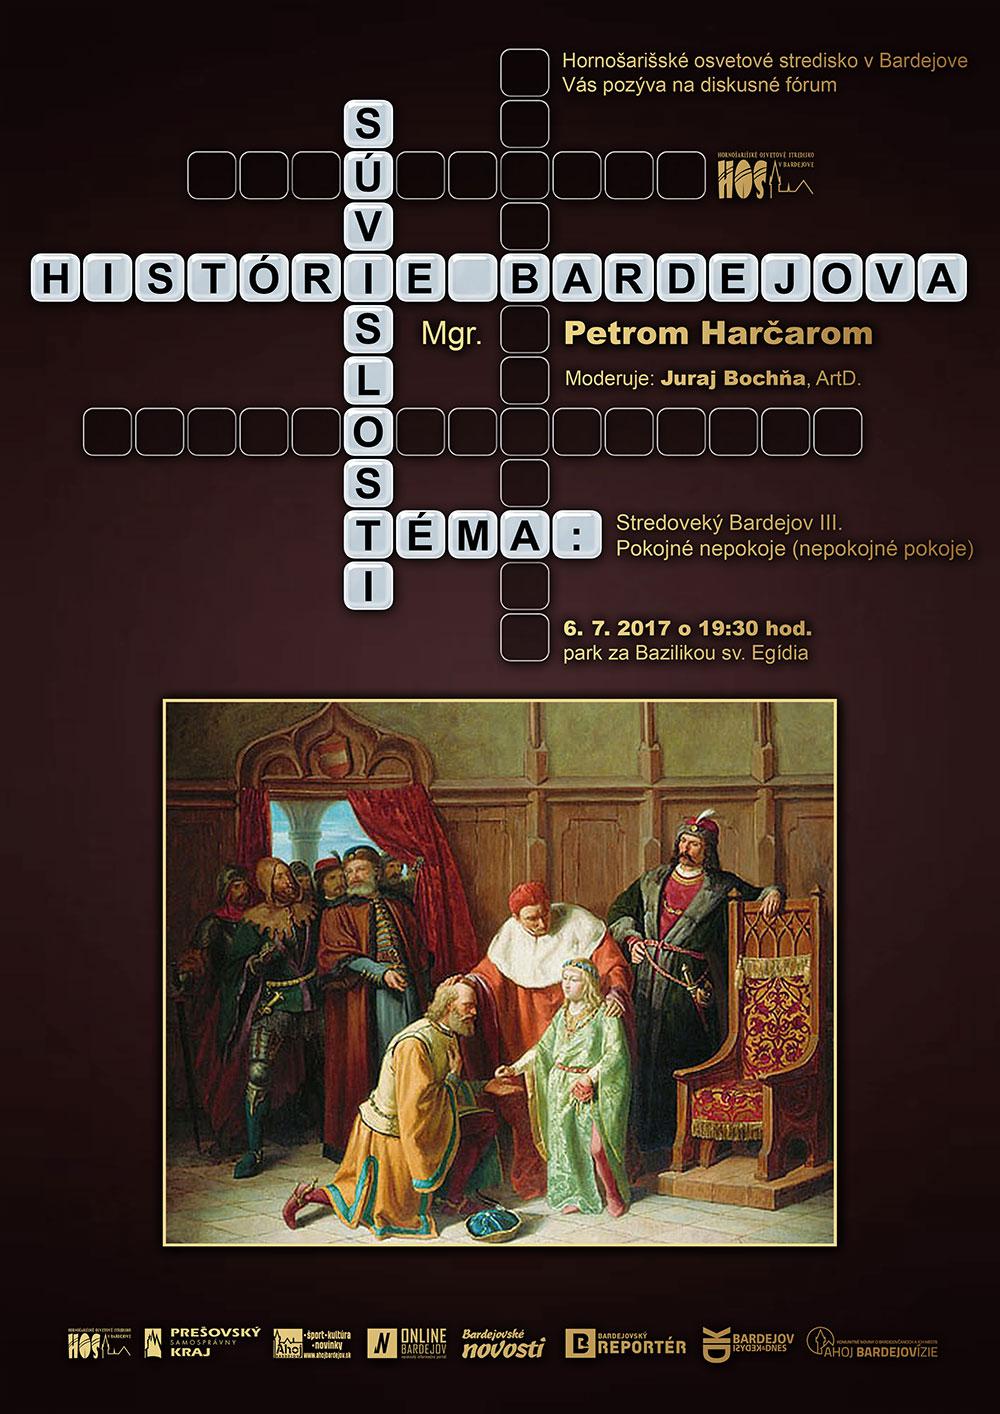 Súvislosti histórie Bardejova – Stredoveký Bardejov III, Pokojné nepokoje (nepokojné pokoje)